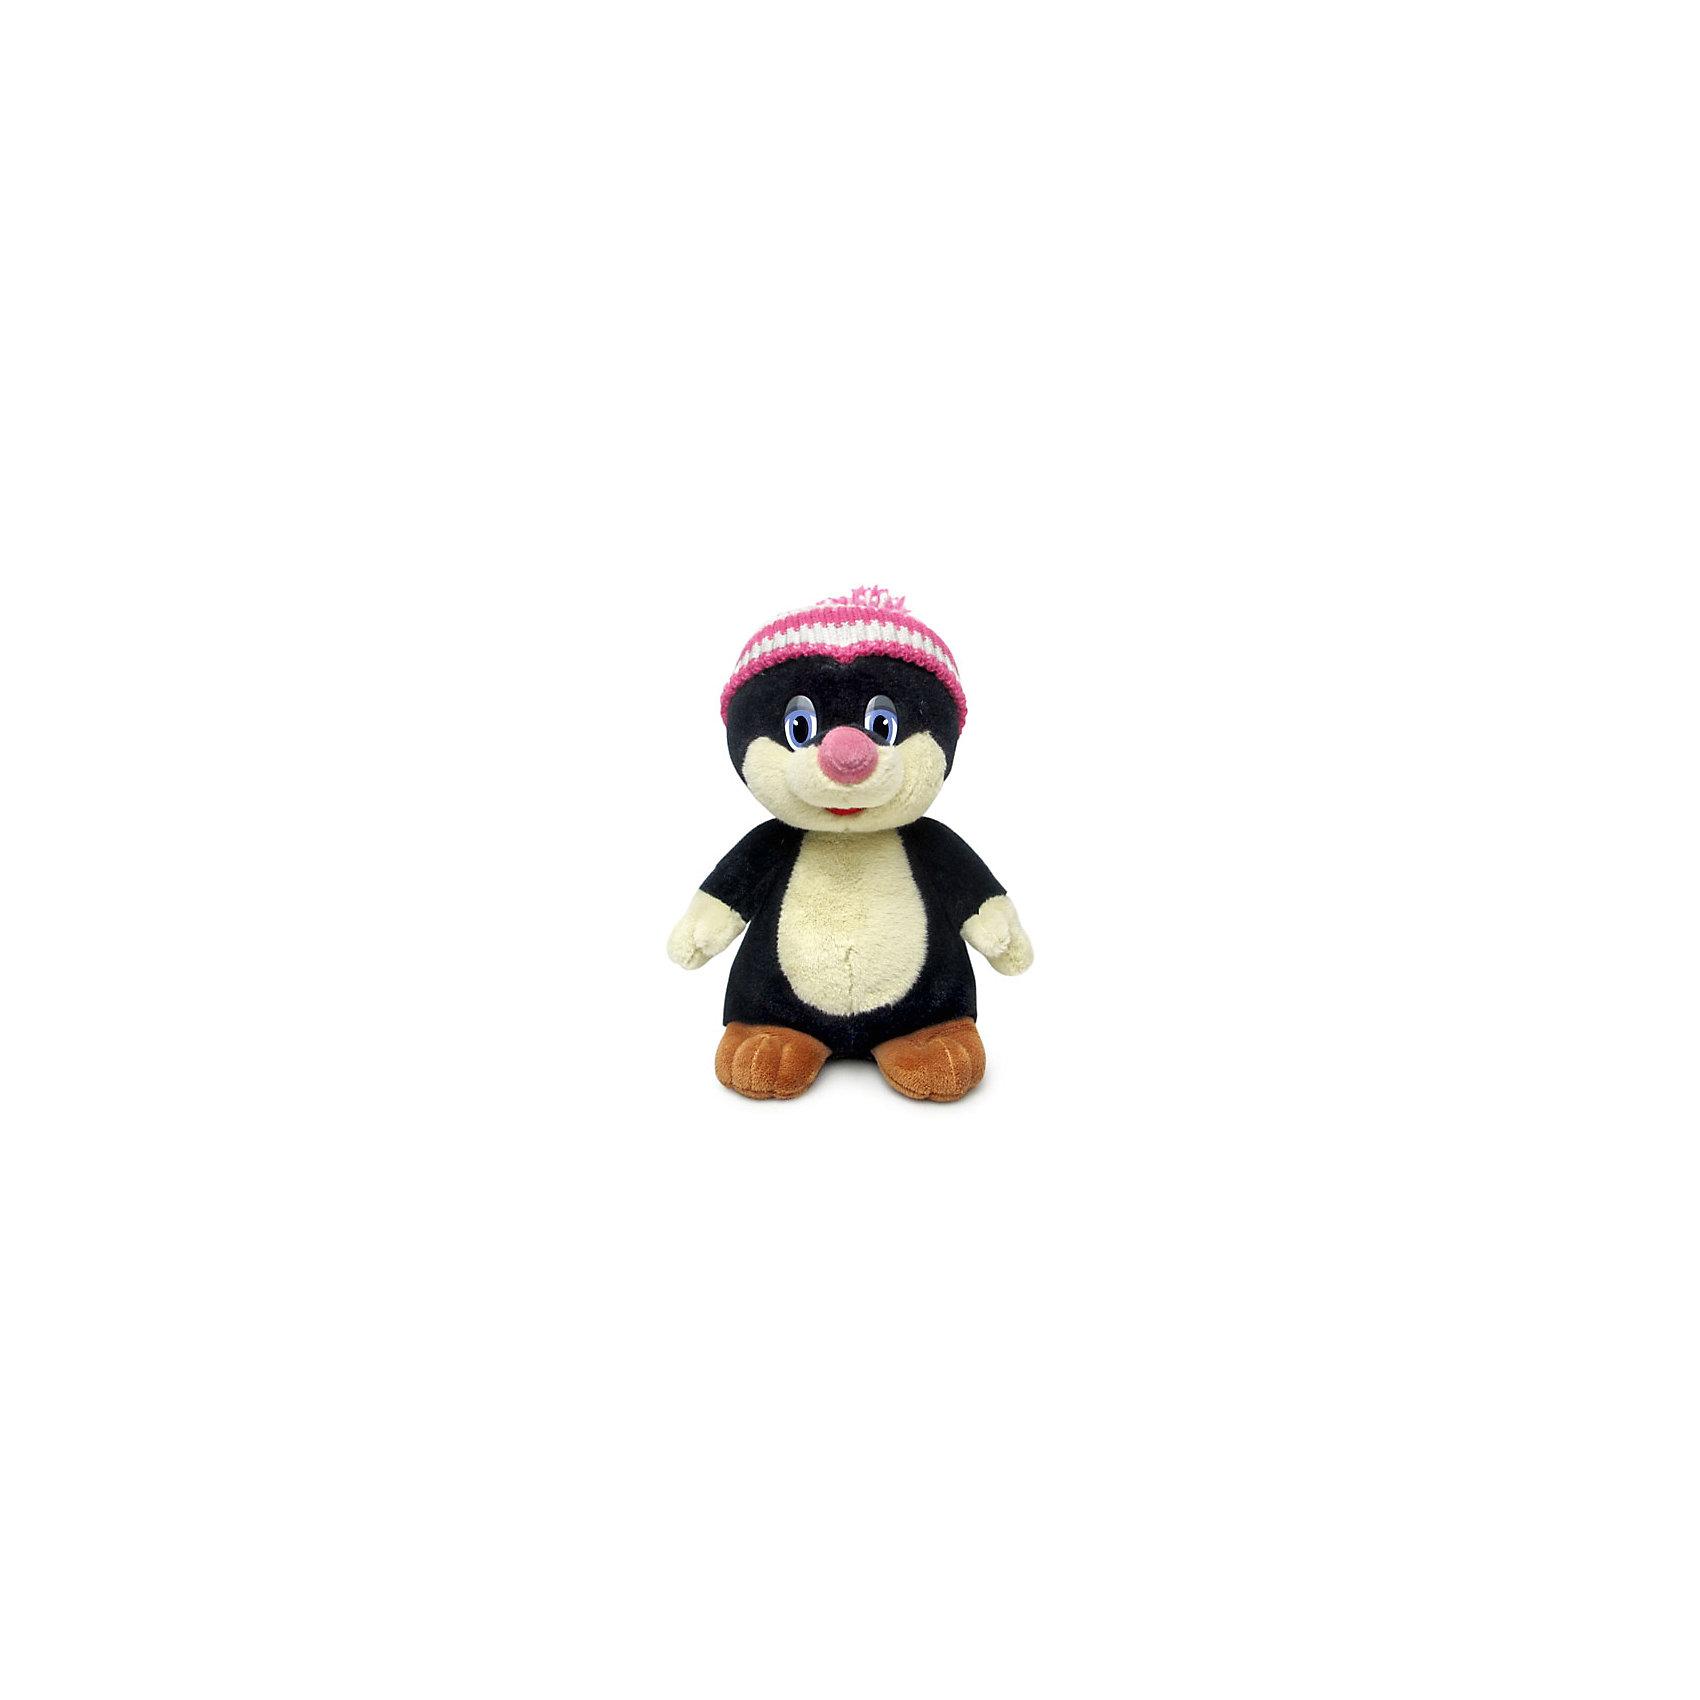 Крот в шапке, музыкальный, 25 см., LAVAОзвученные мягкие игрушки<br>Очаровательный крот в яркой шапке не оставит равнодушным ни одного малыша! Он умеет петь веселую песенку, которая обязательно развеселит кроху. Игрушка выполнена из приятного на ощупь экологичного материала безопасного для детей. <br><br>Дополнительная информация:<br><br>- Материал: искусственный мех, текстиль, синтепон, пластик.<br>- Высота: 25 см. <br>- Поет песенку <br>- Элемент питания: батарейка (в комплекте).<br><br>Крота в шапке, музыкального, 25 см., LAVA (ЛАВА) можно купить в нашем магазине.<br><br>Ширина мм: 150<br>Глубина мм: 150<br>Высота мм: 250<br>Вес г: 260<br>Возраст от месяцев: 36<br>Возраст до месяцев: 1188<br>Пол: Унисекс<br>Возраст: Детский<br>SKU: 4444186